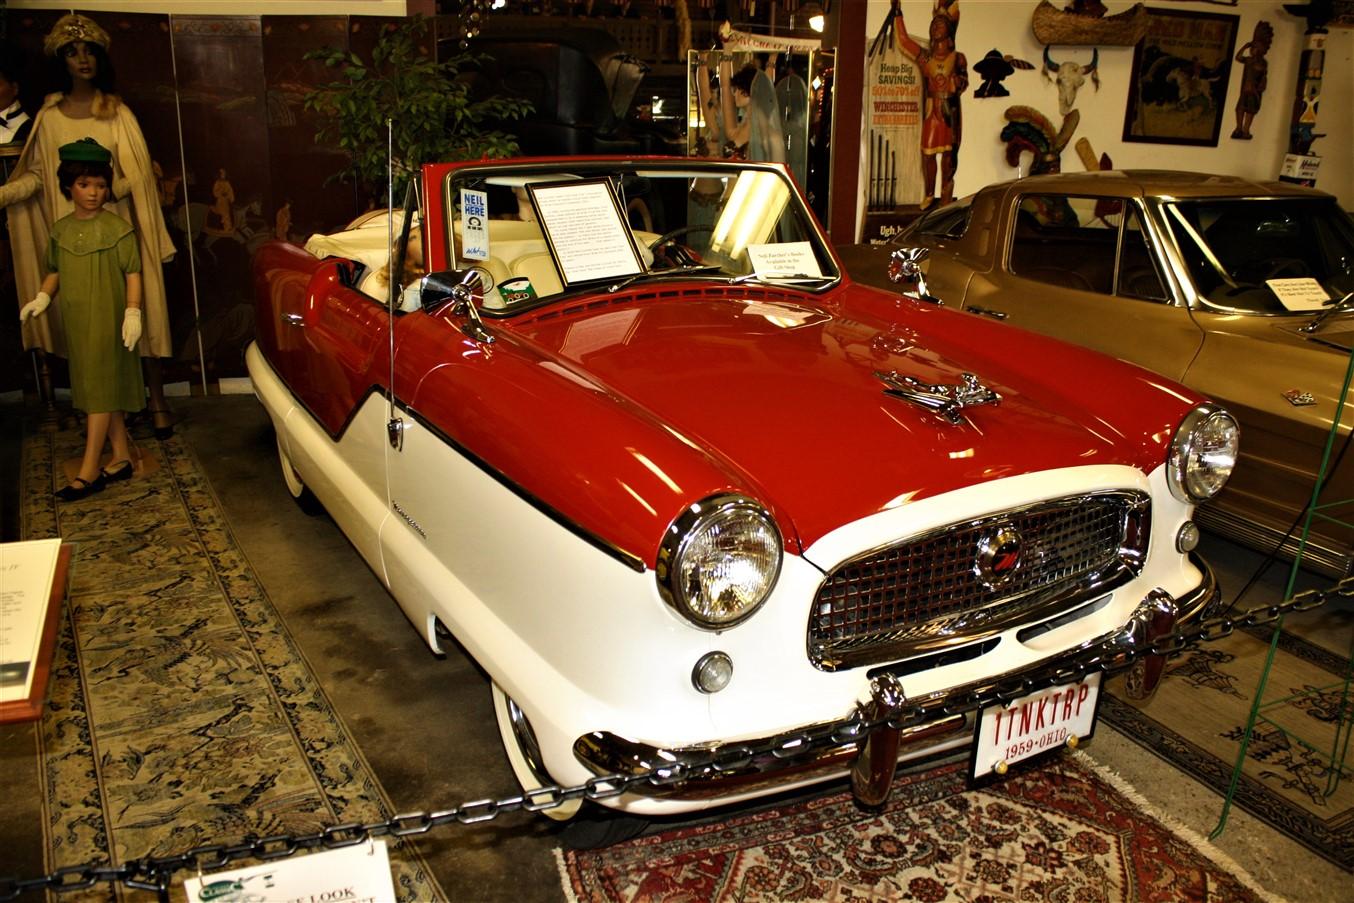 2012 01 22 Canton Classic Car Museum 16.jpg